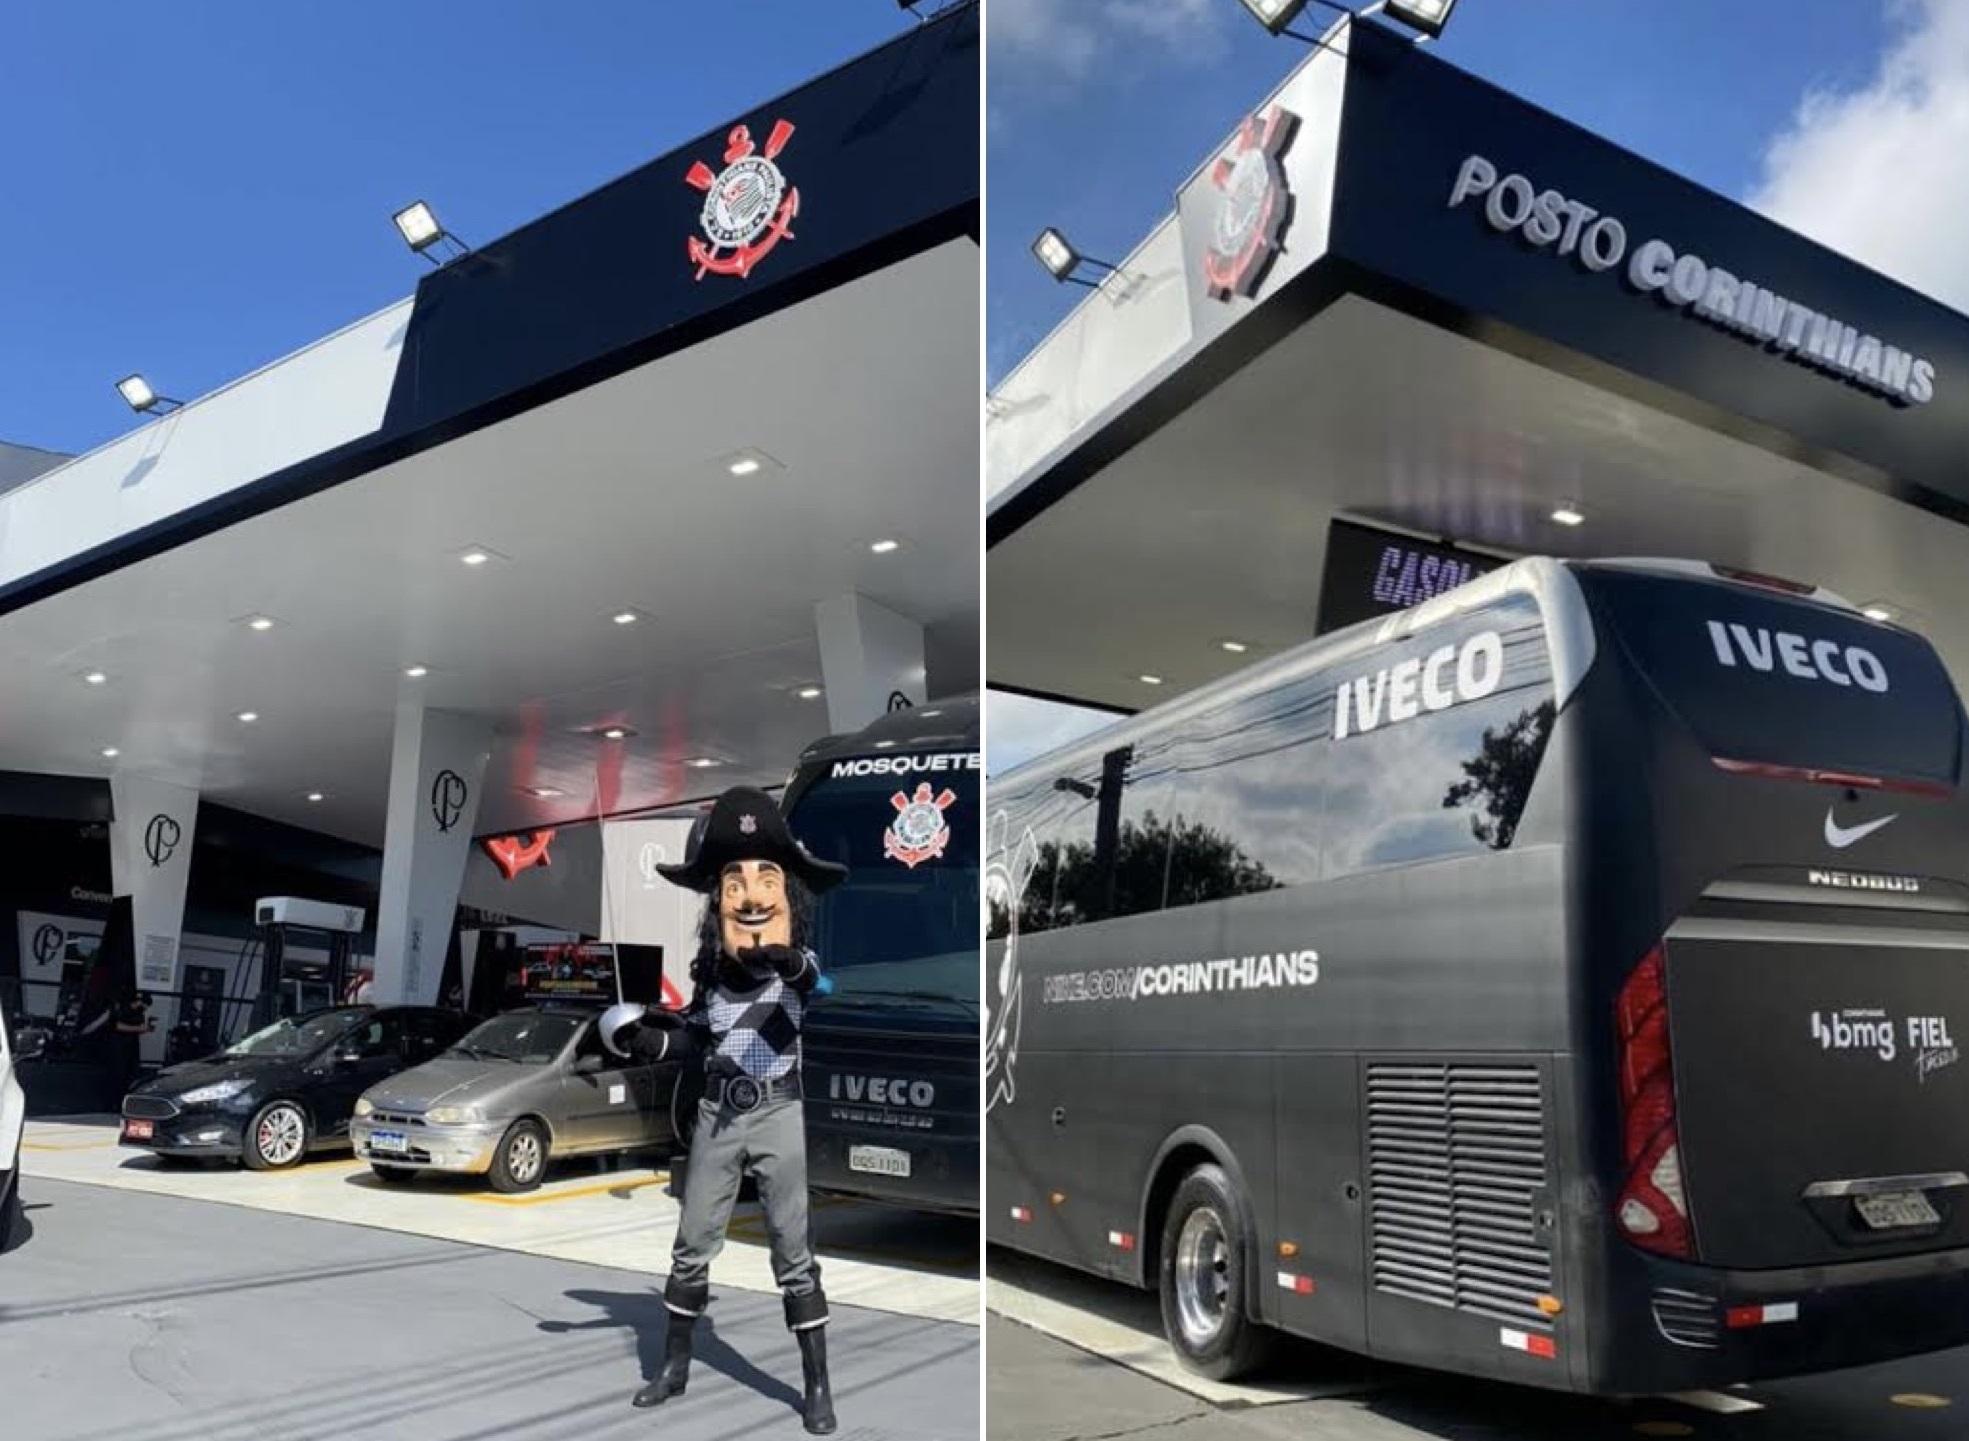 Duas imagens que mostram o posto. À esquerda, com o mascote de time à frente. À direita, um ônibus preto.